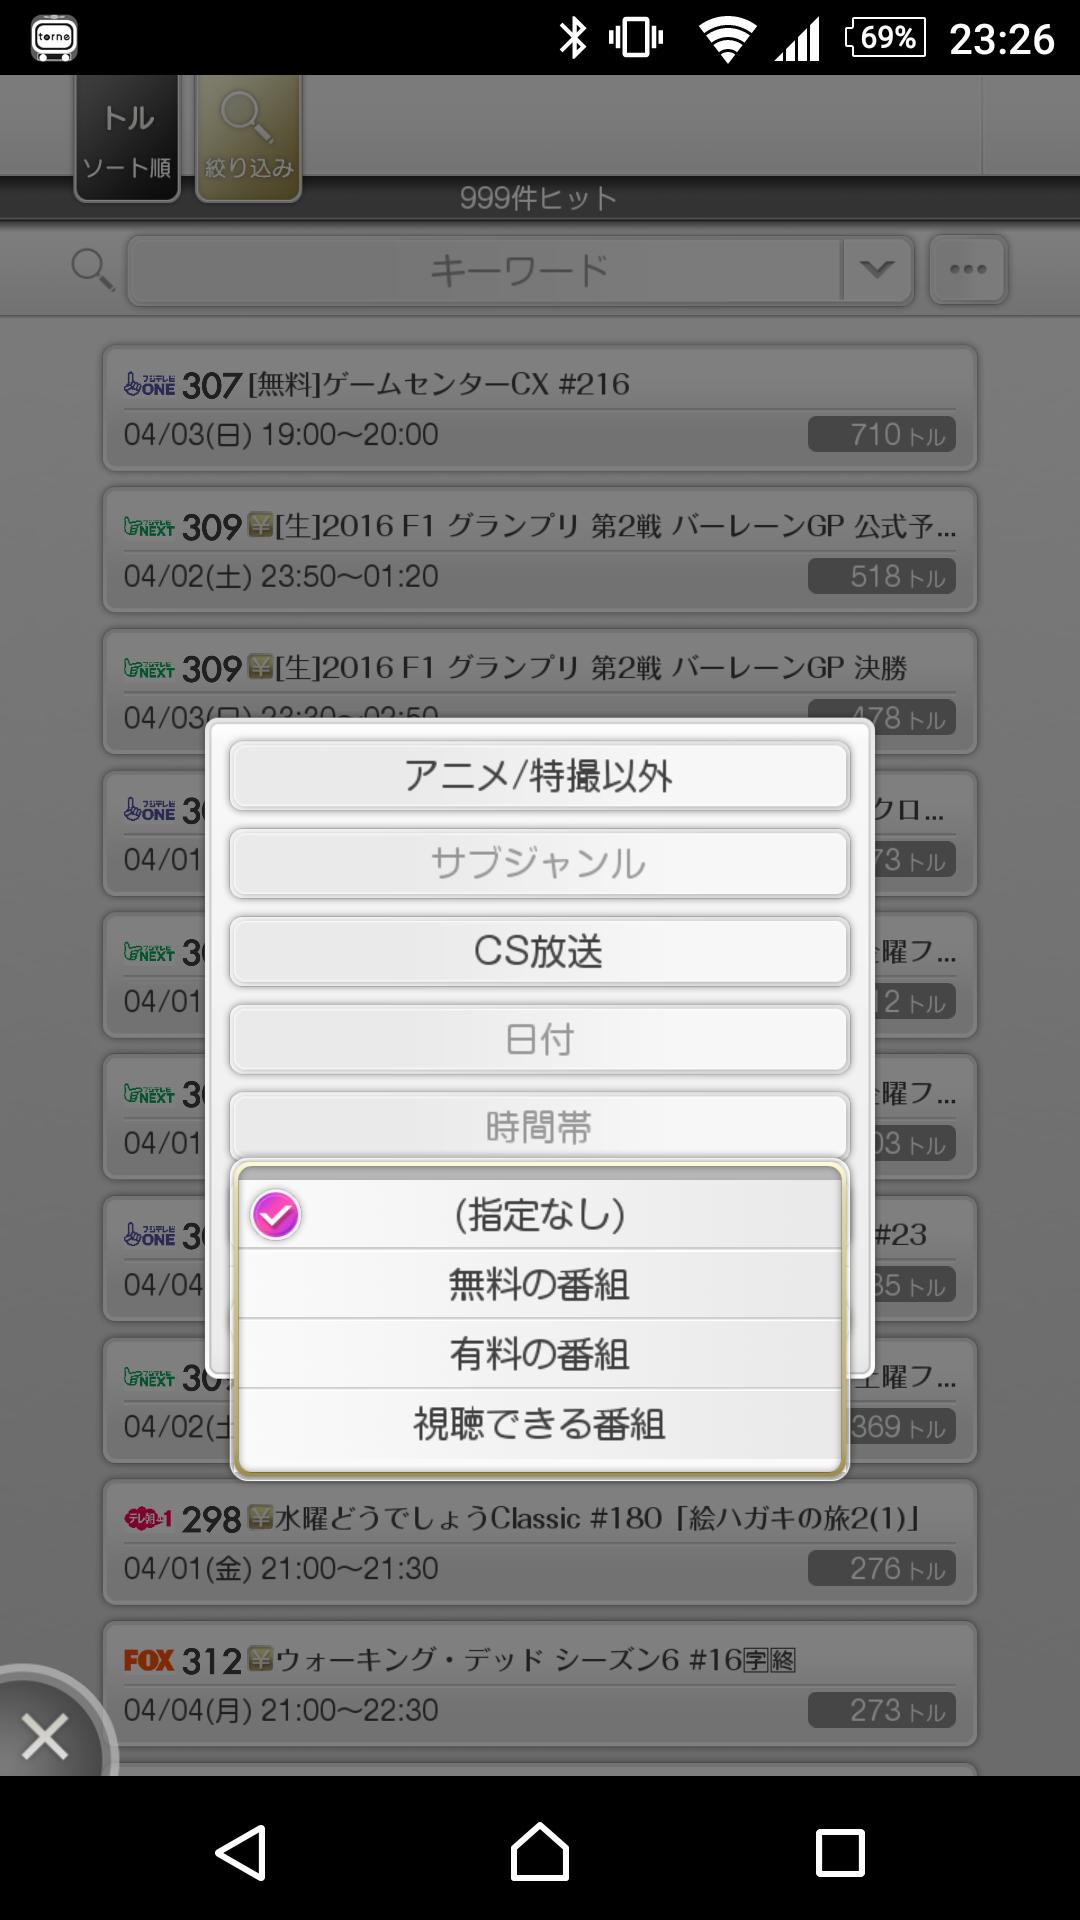 検索条件を設定している画面